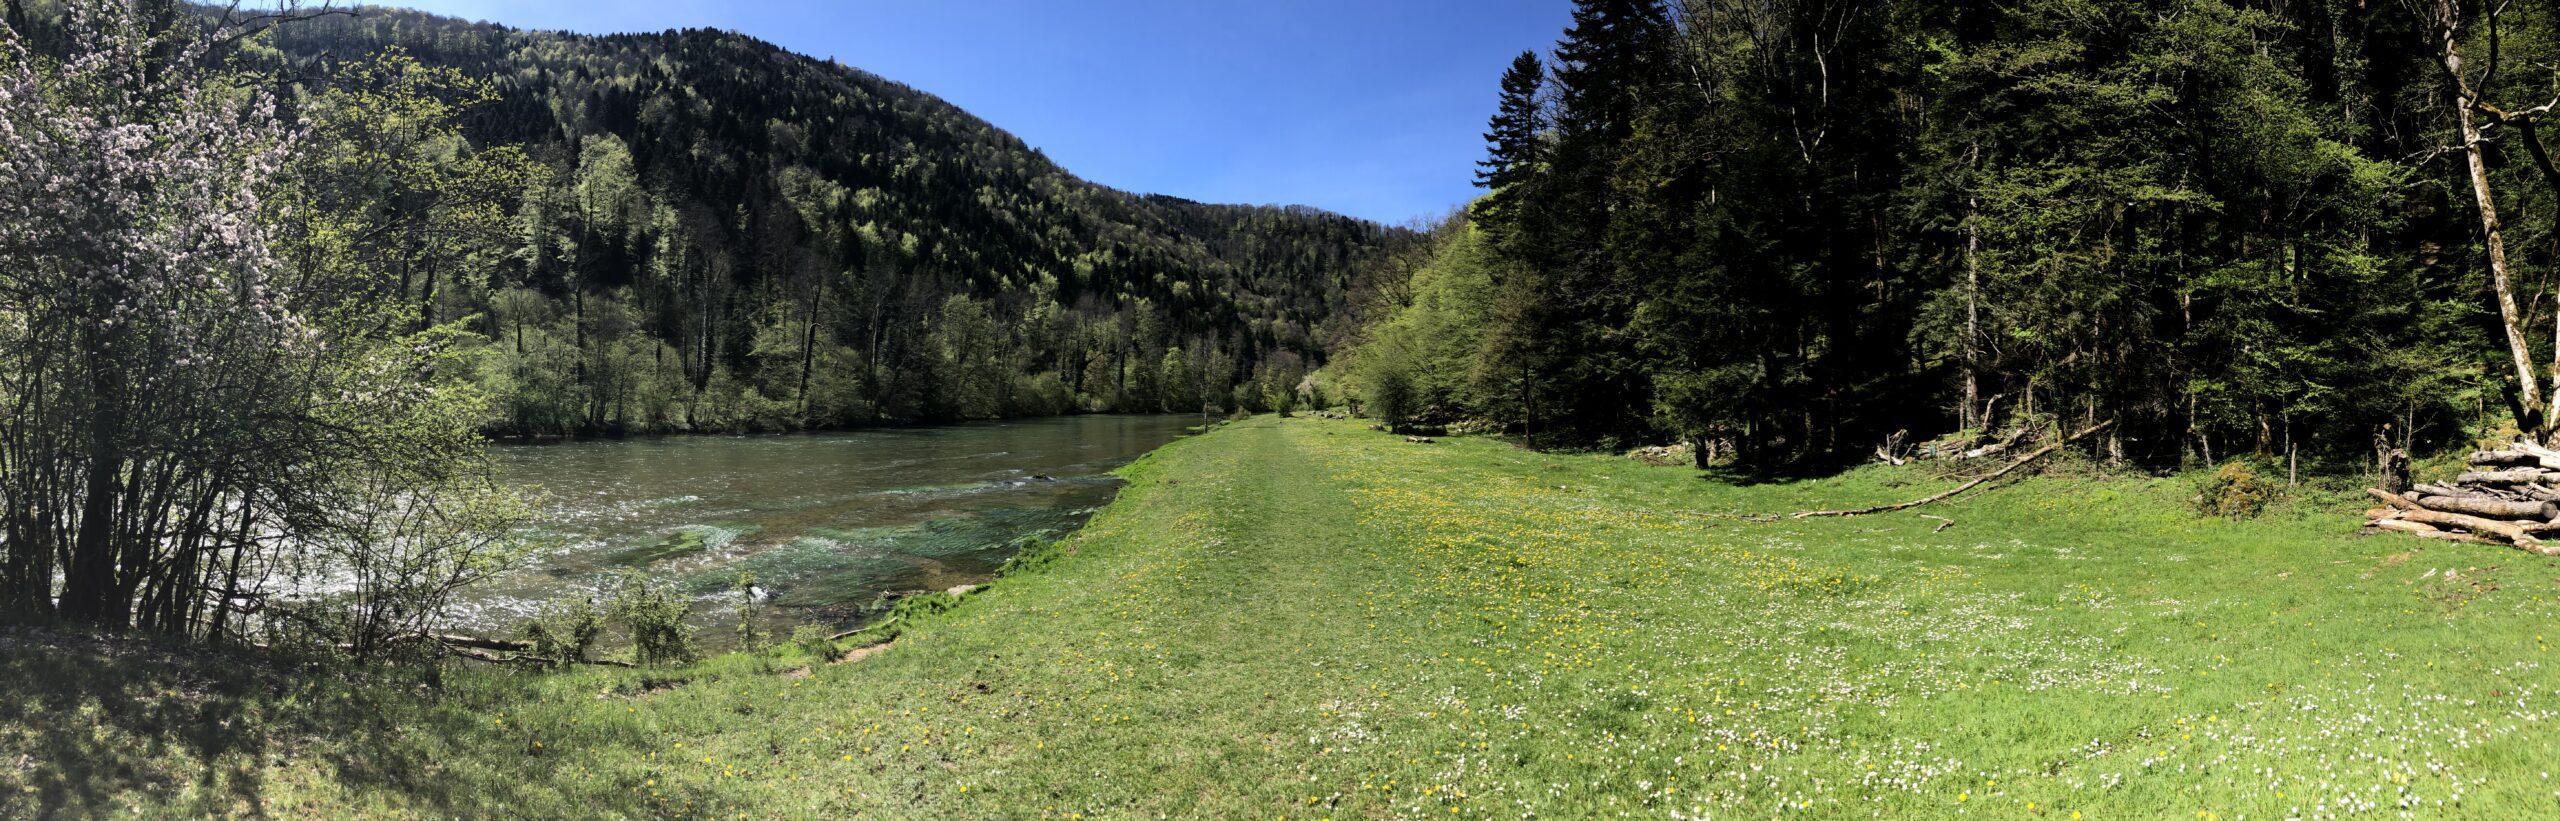 Doubs JU, Wanderweg der Route 2 und 95